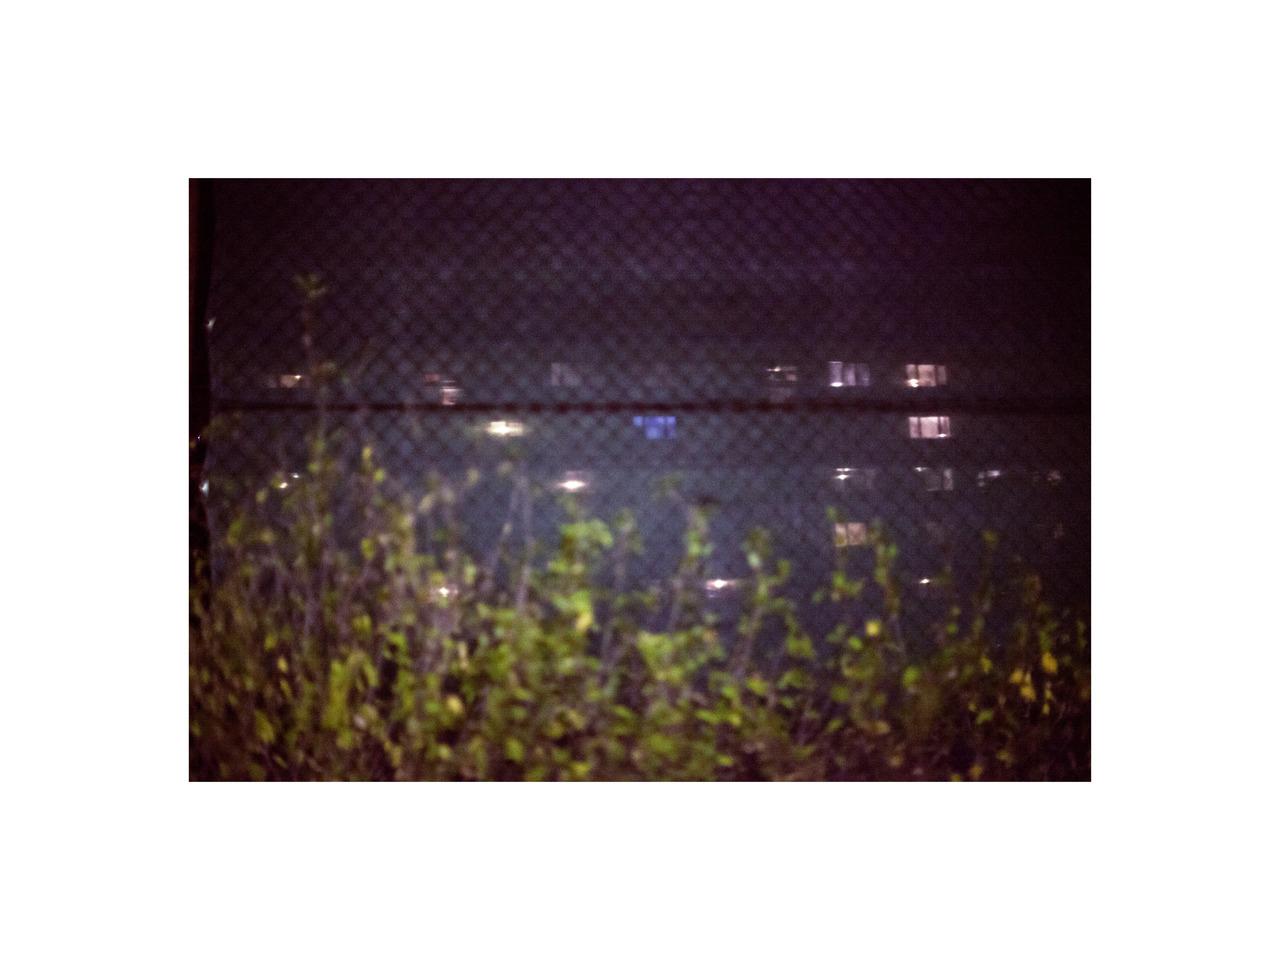 tumblr_plmsjzpqGP1y5op74o1_1280.jpg